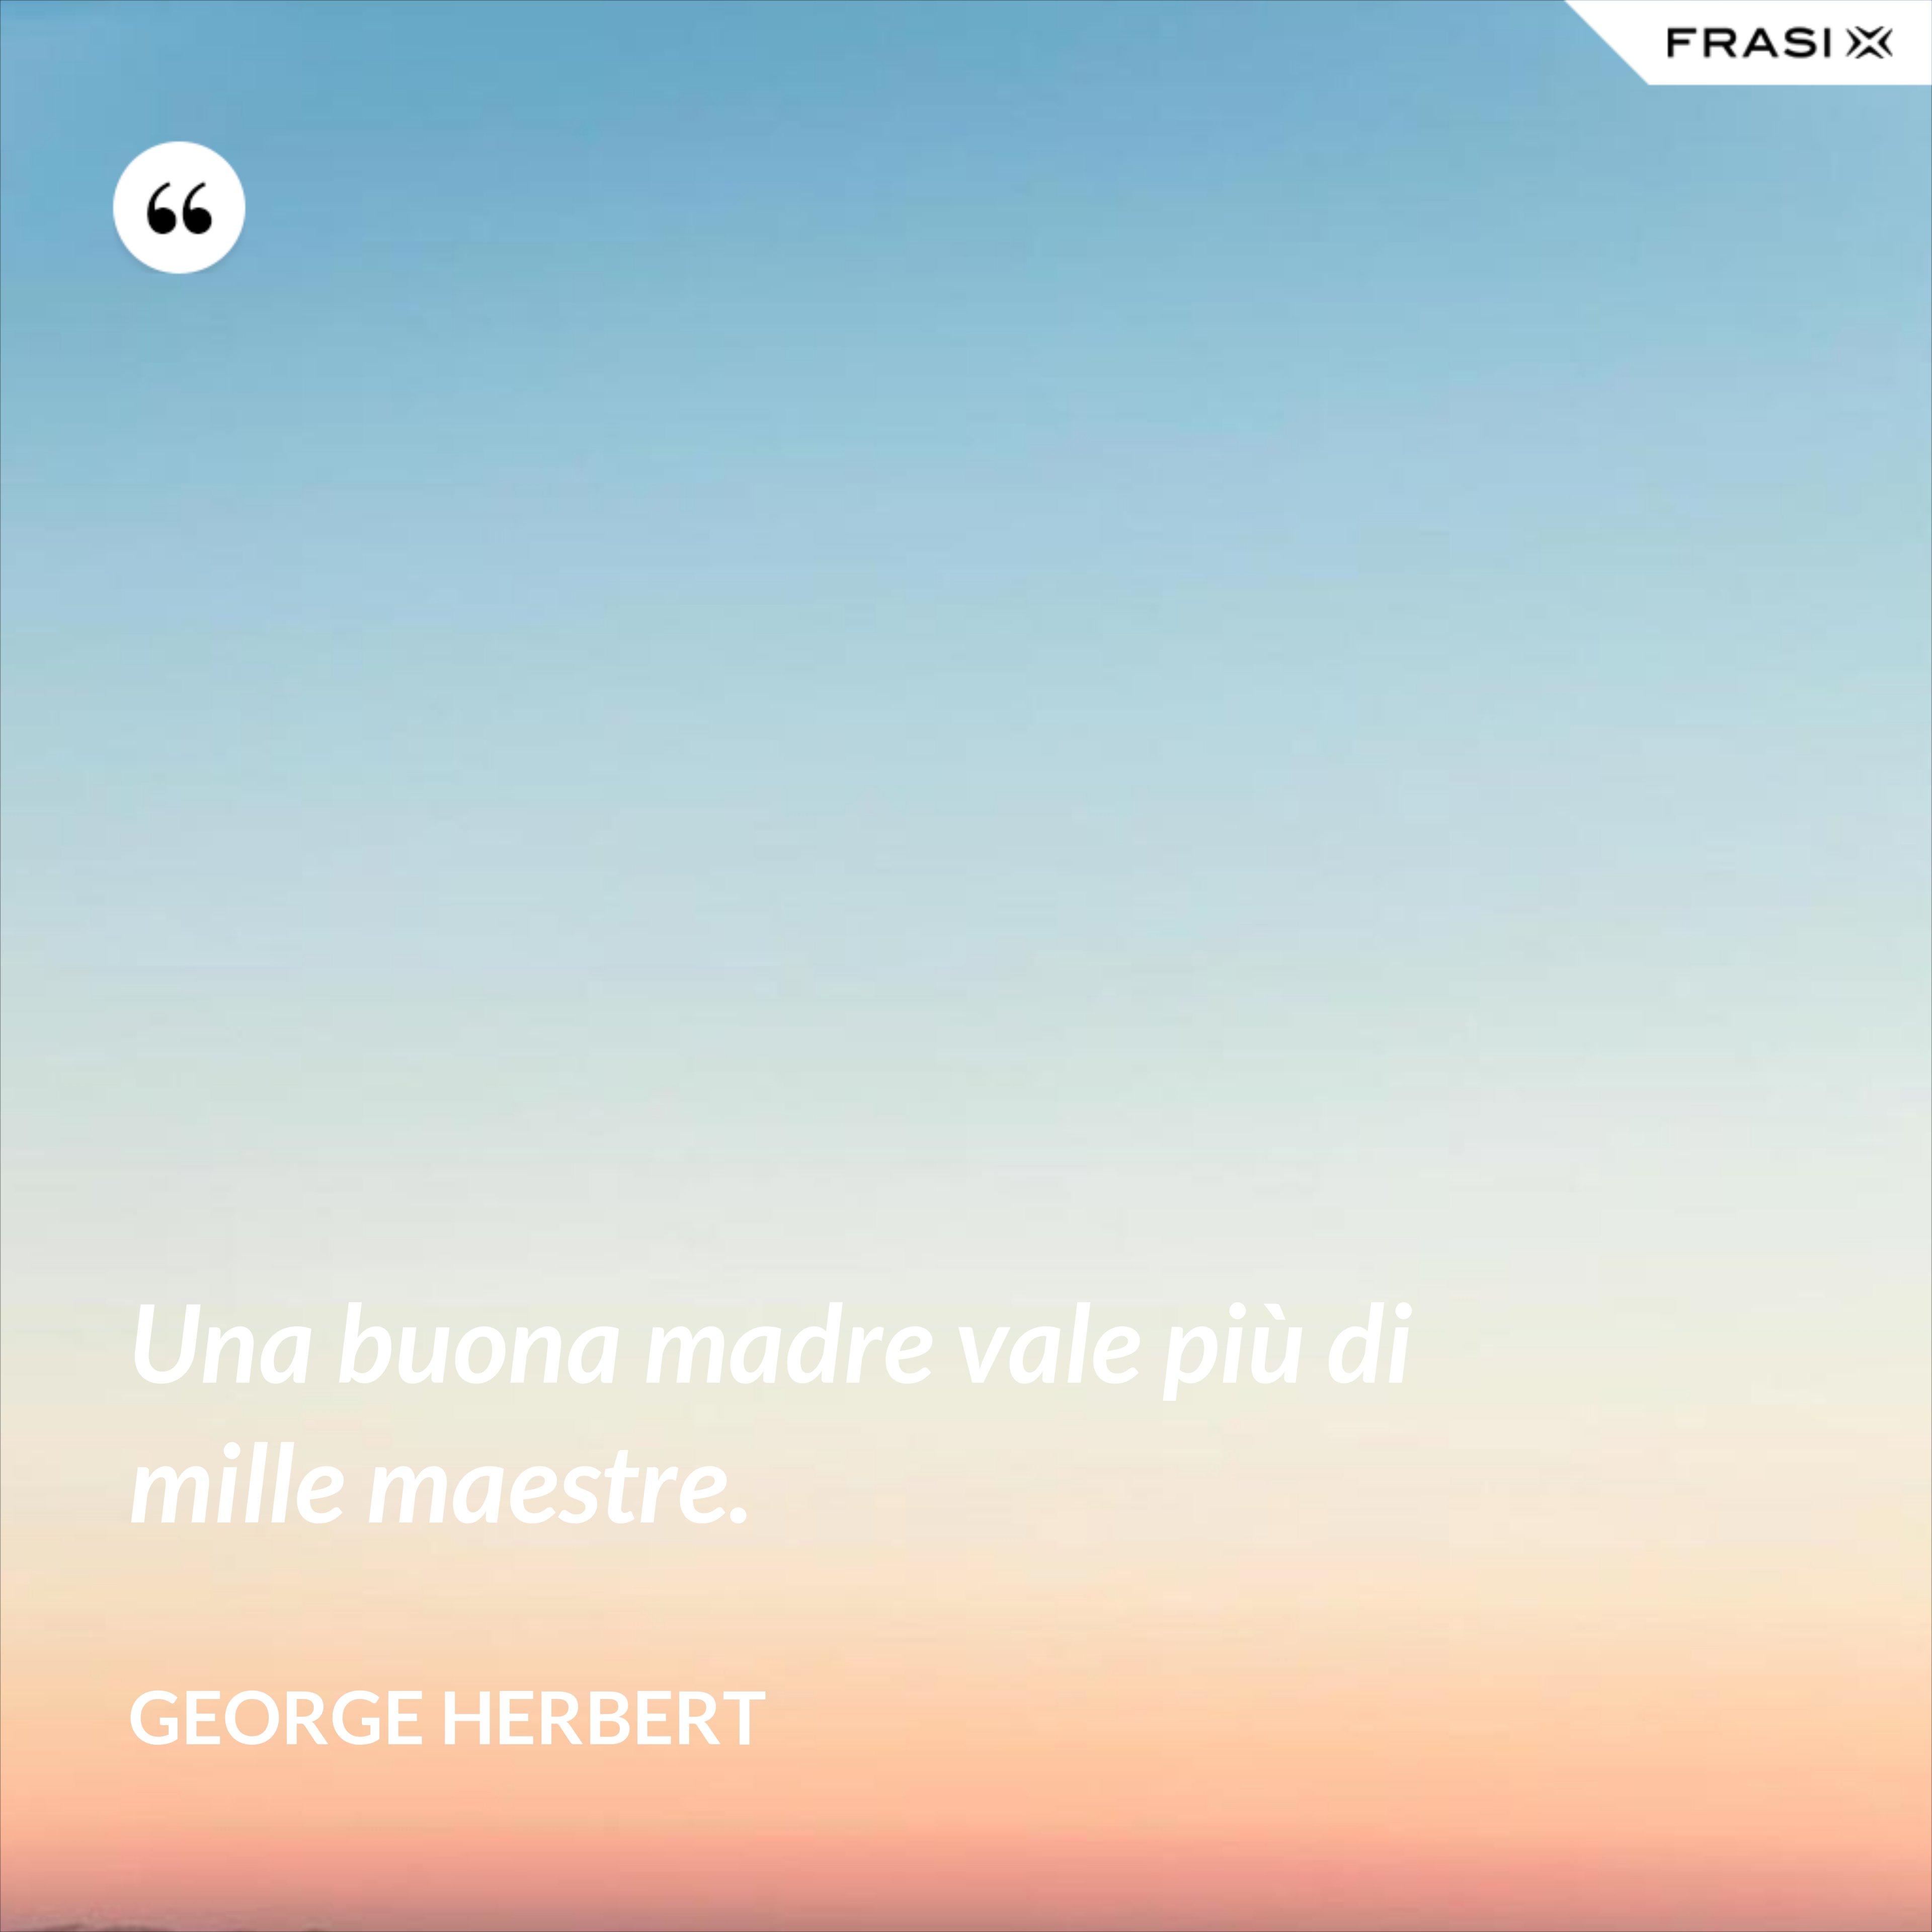 Una buona madre vale più di mille maestre. - George Herbert